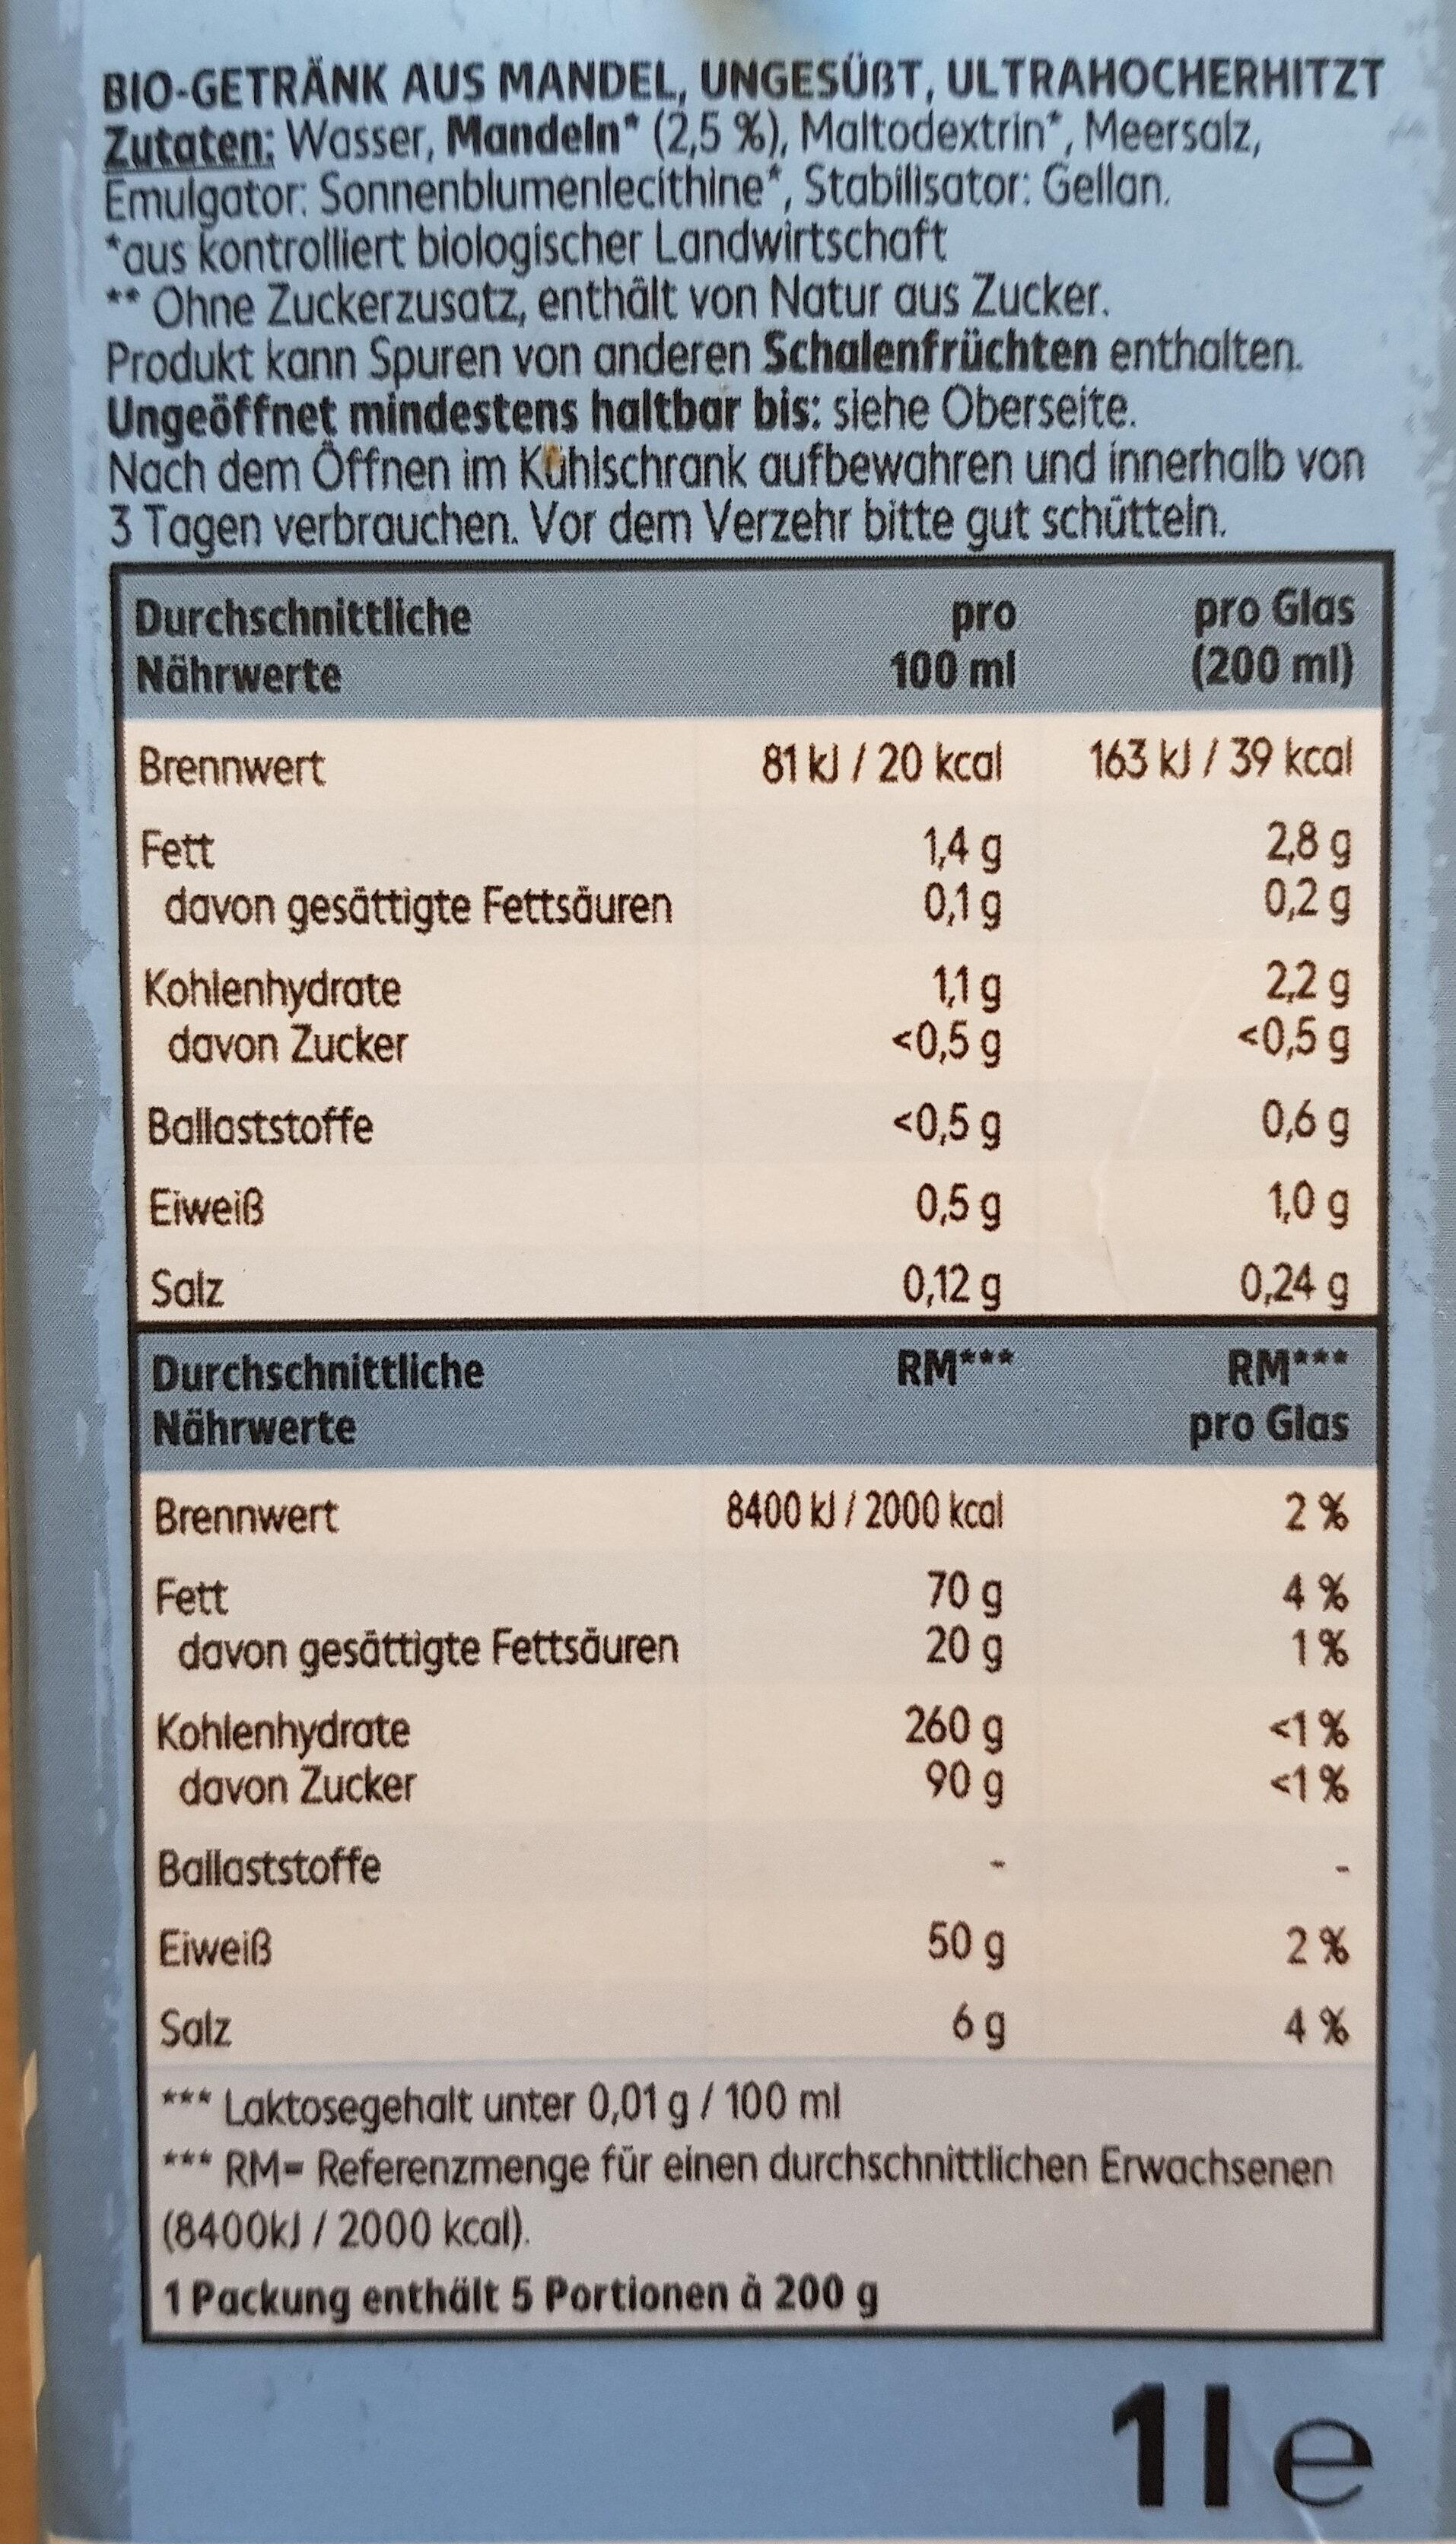 Bio MandelDrink ungesüsst - Inhaltsstoffe - de